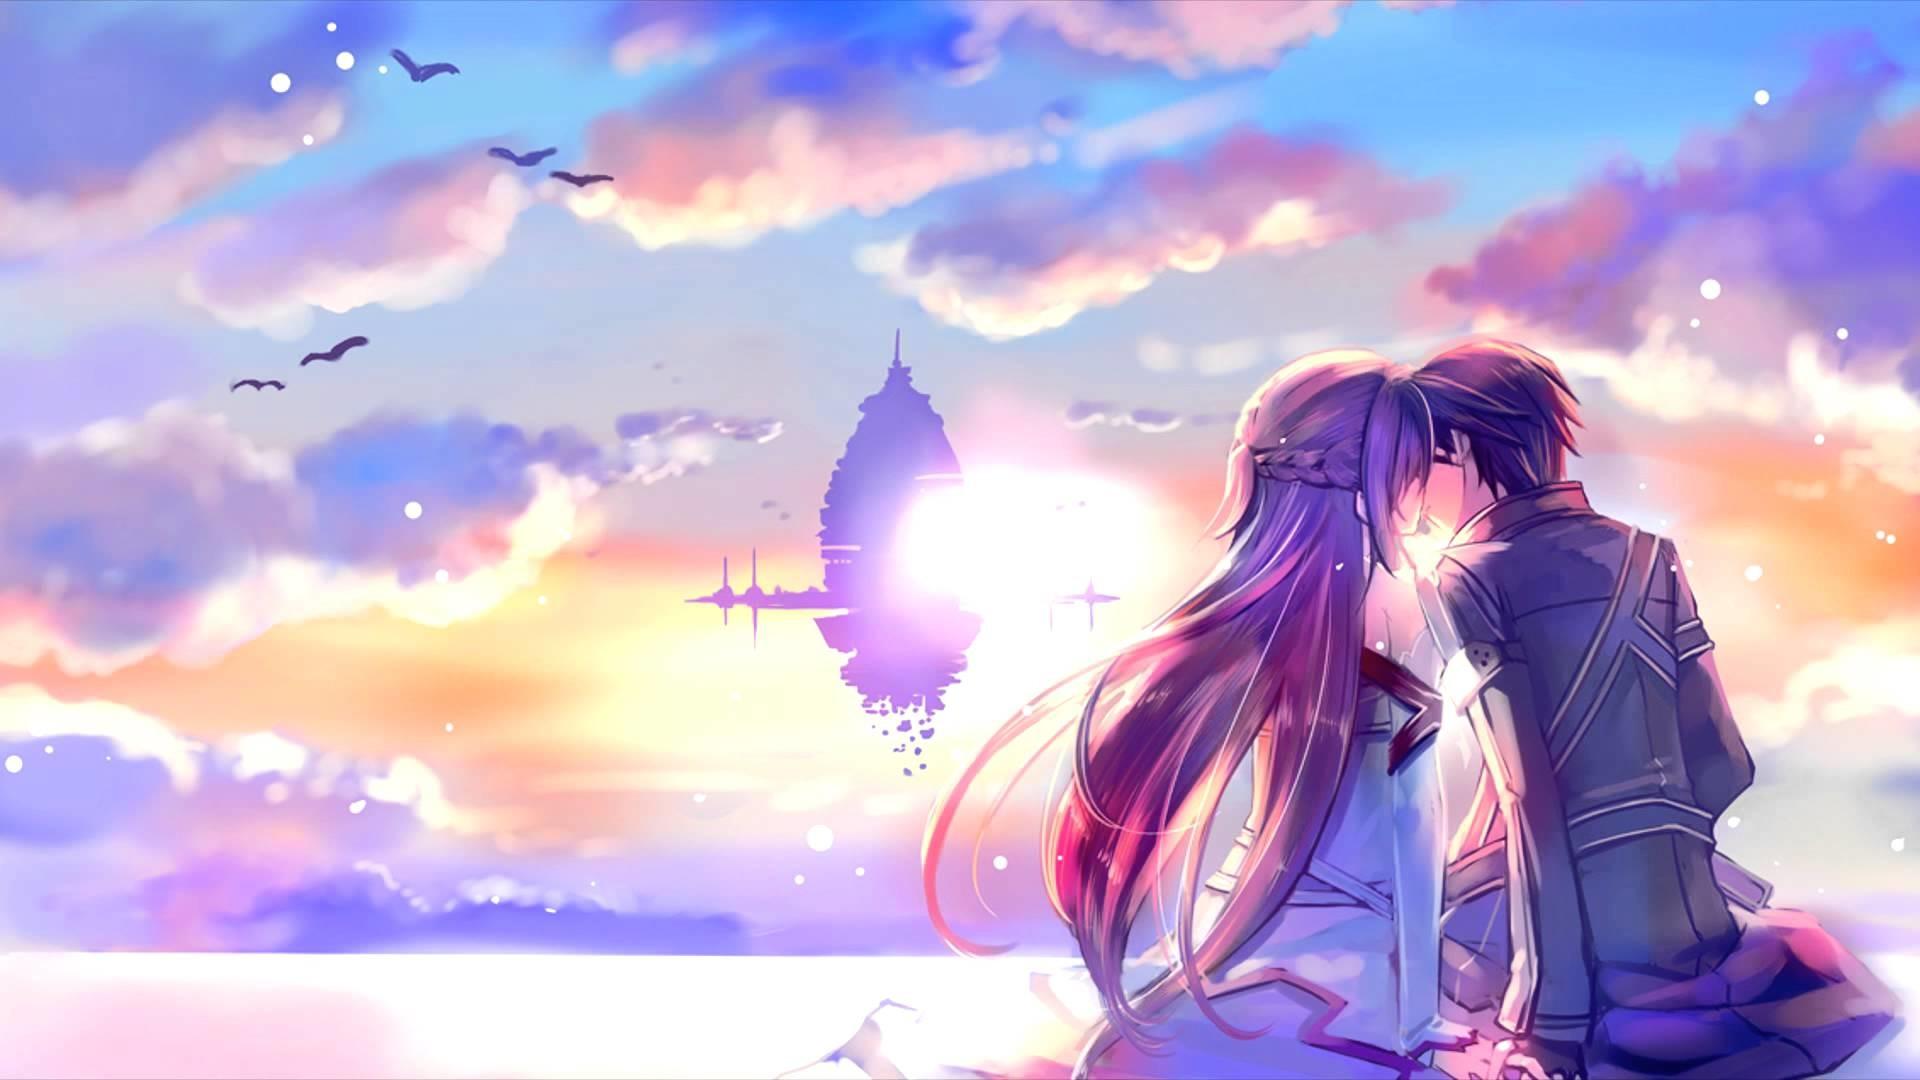 Bộ sưu tập hình nền Anime về tình yêu đẹp lãng mạn nhất thế giới